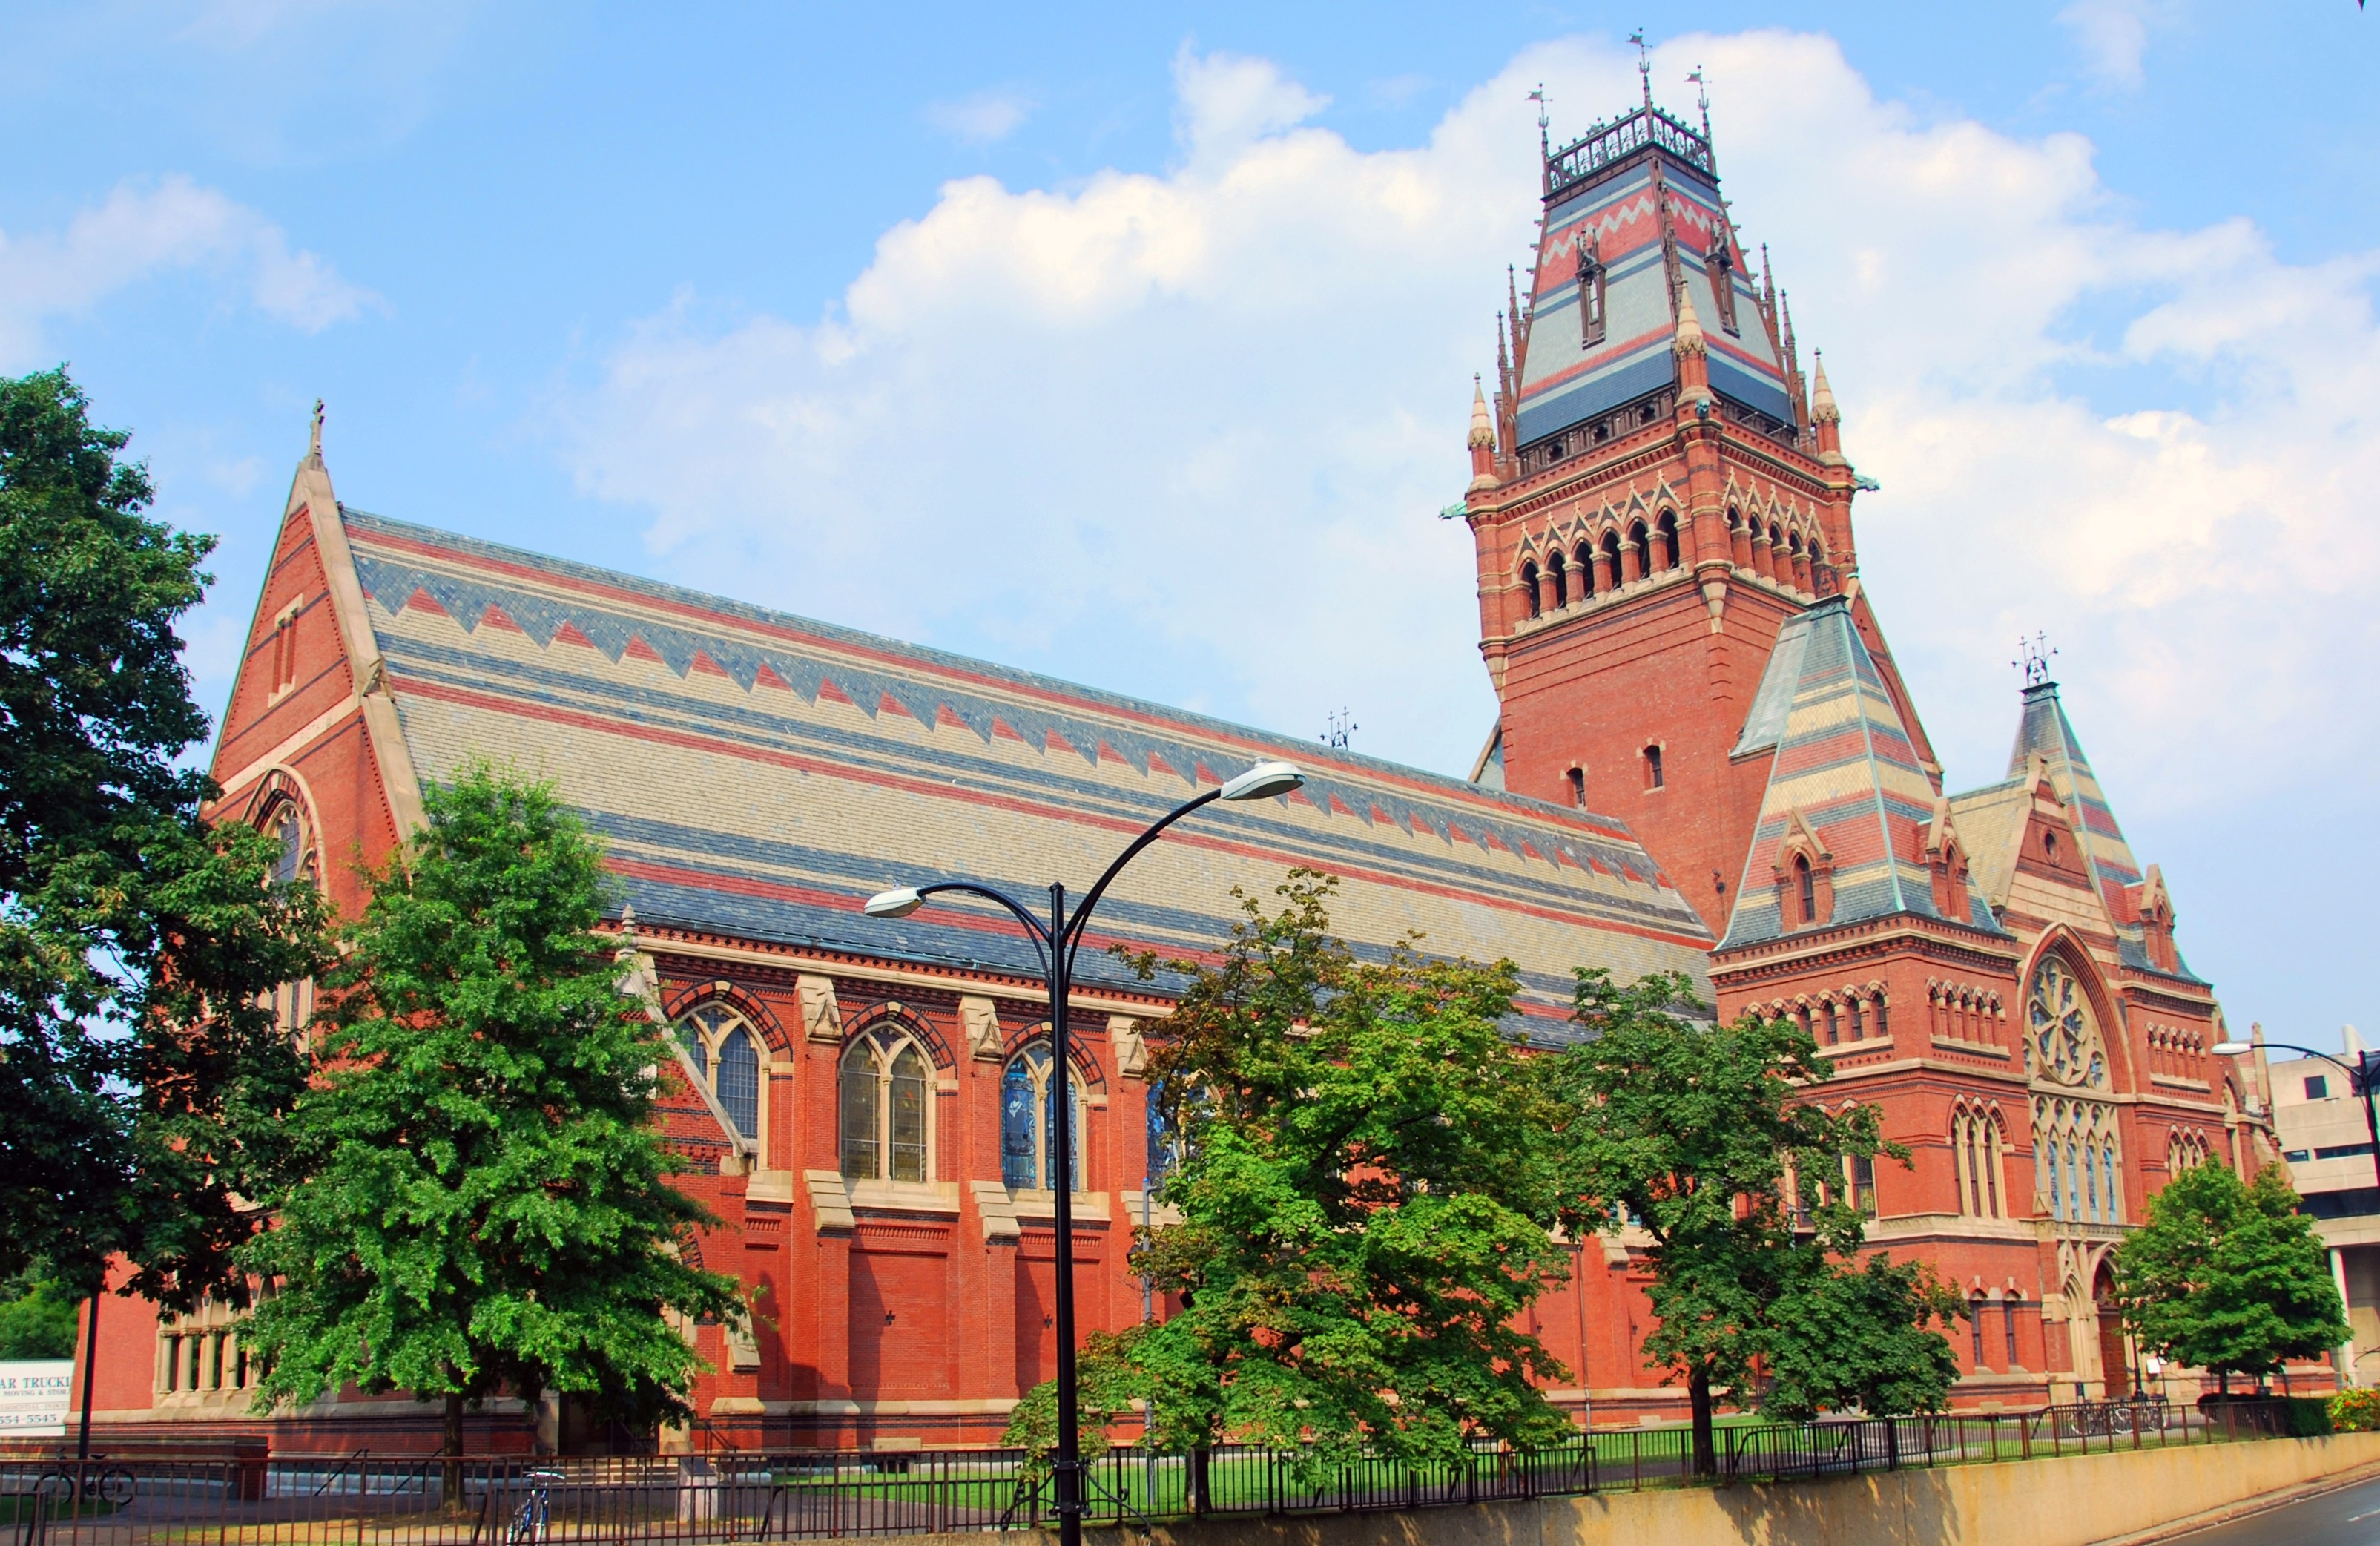 Марки для эрекции и диета каннибалов в США раздали Шнобелевские премии